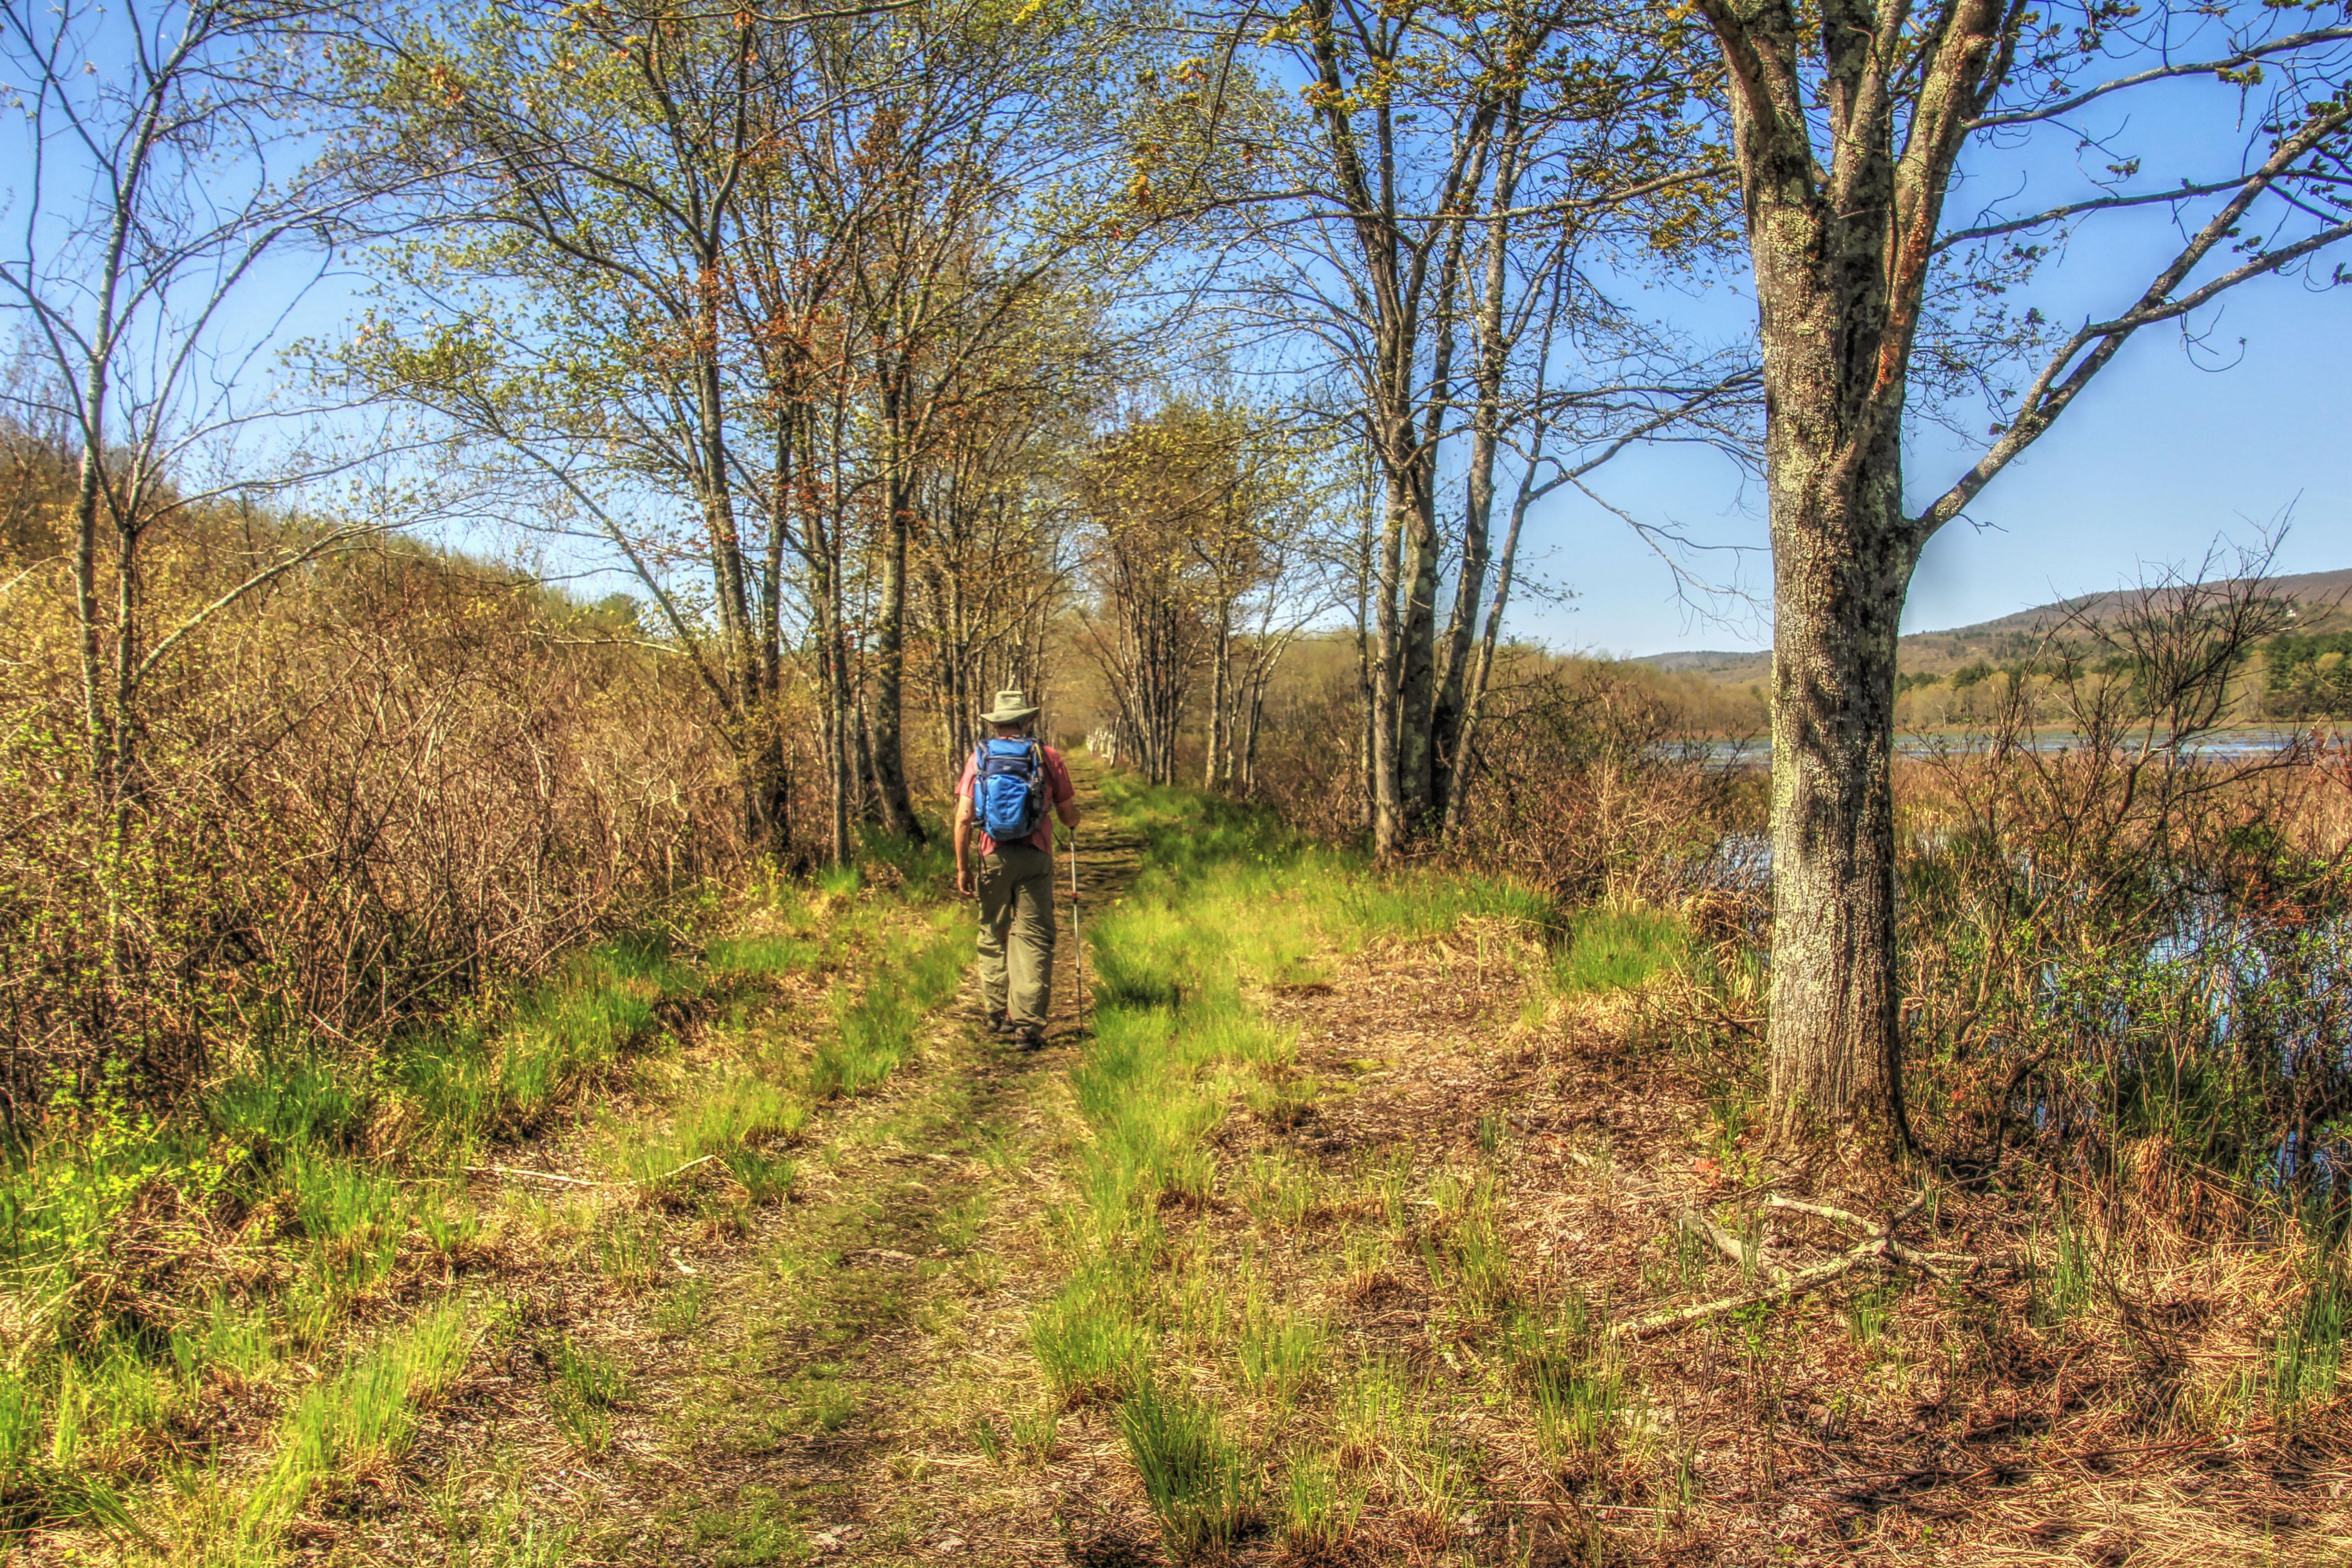 A hiker walks alongside the Bashakill WMA marshes.